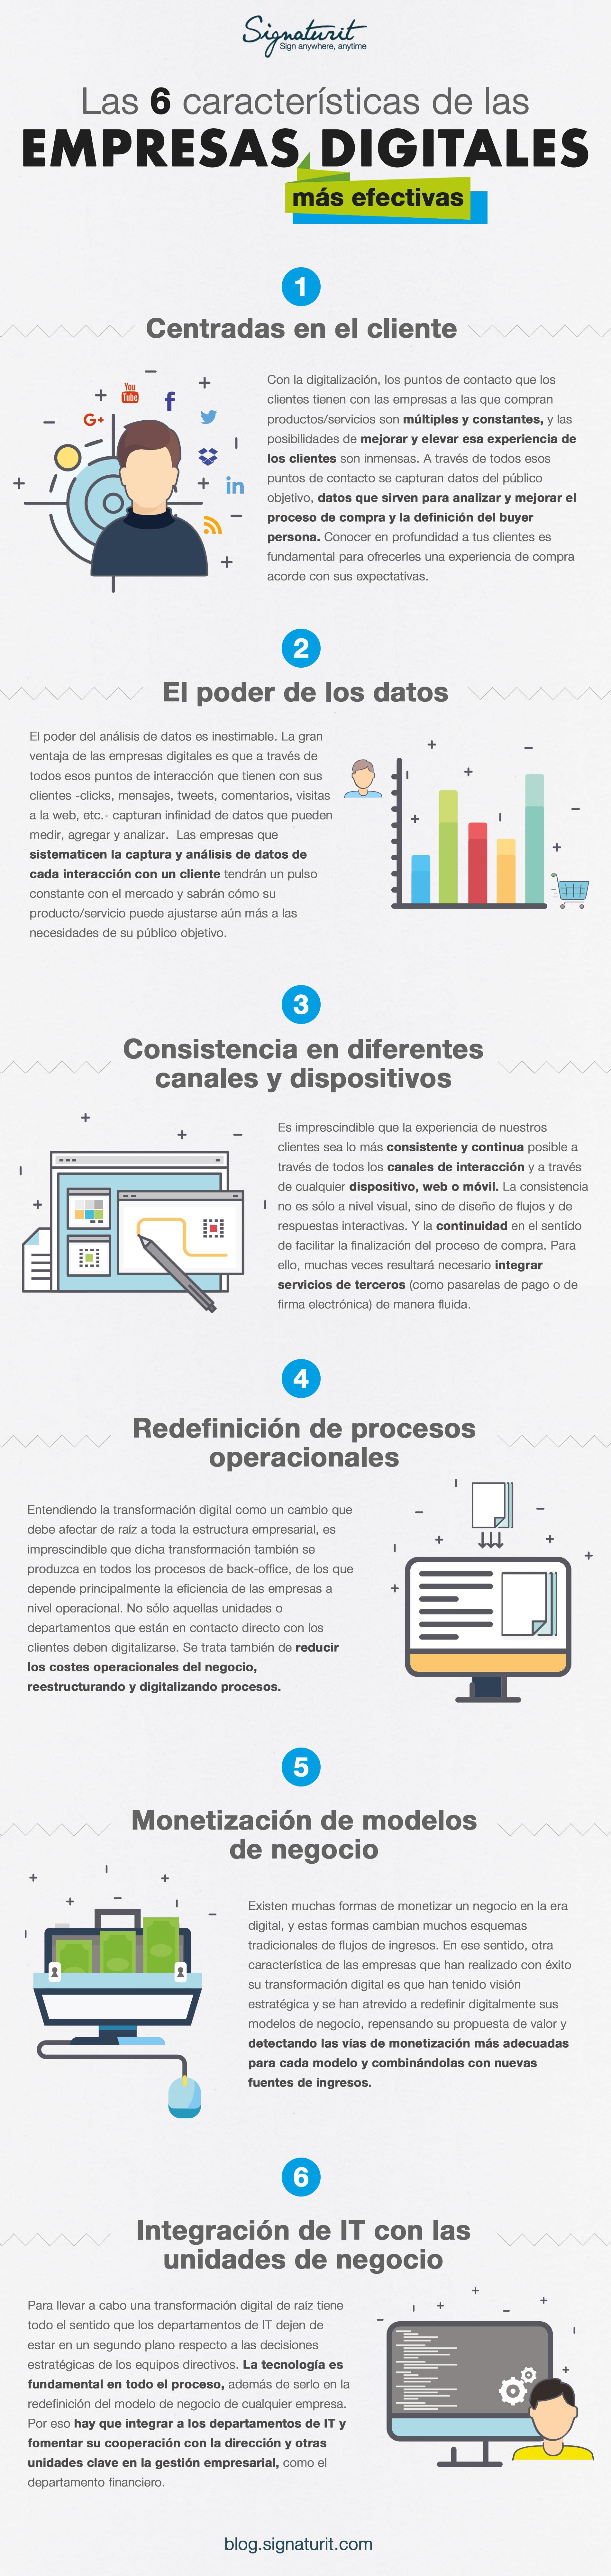 INFOGRAFICO_Las-6-caracteristicas-de-las-empreas-digitales-mas-efectivas_by Signaturit.jpg